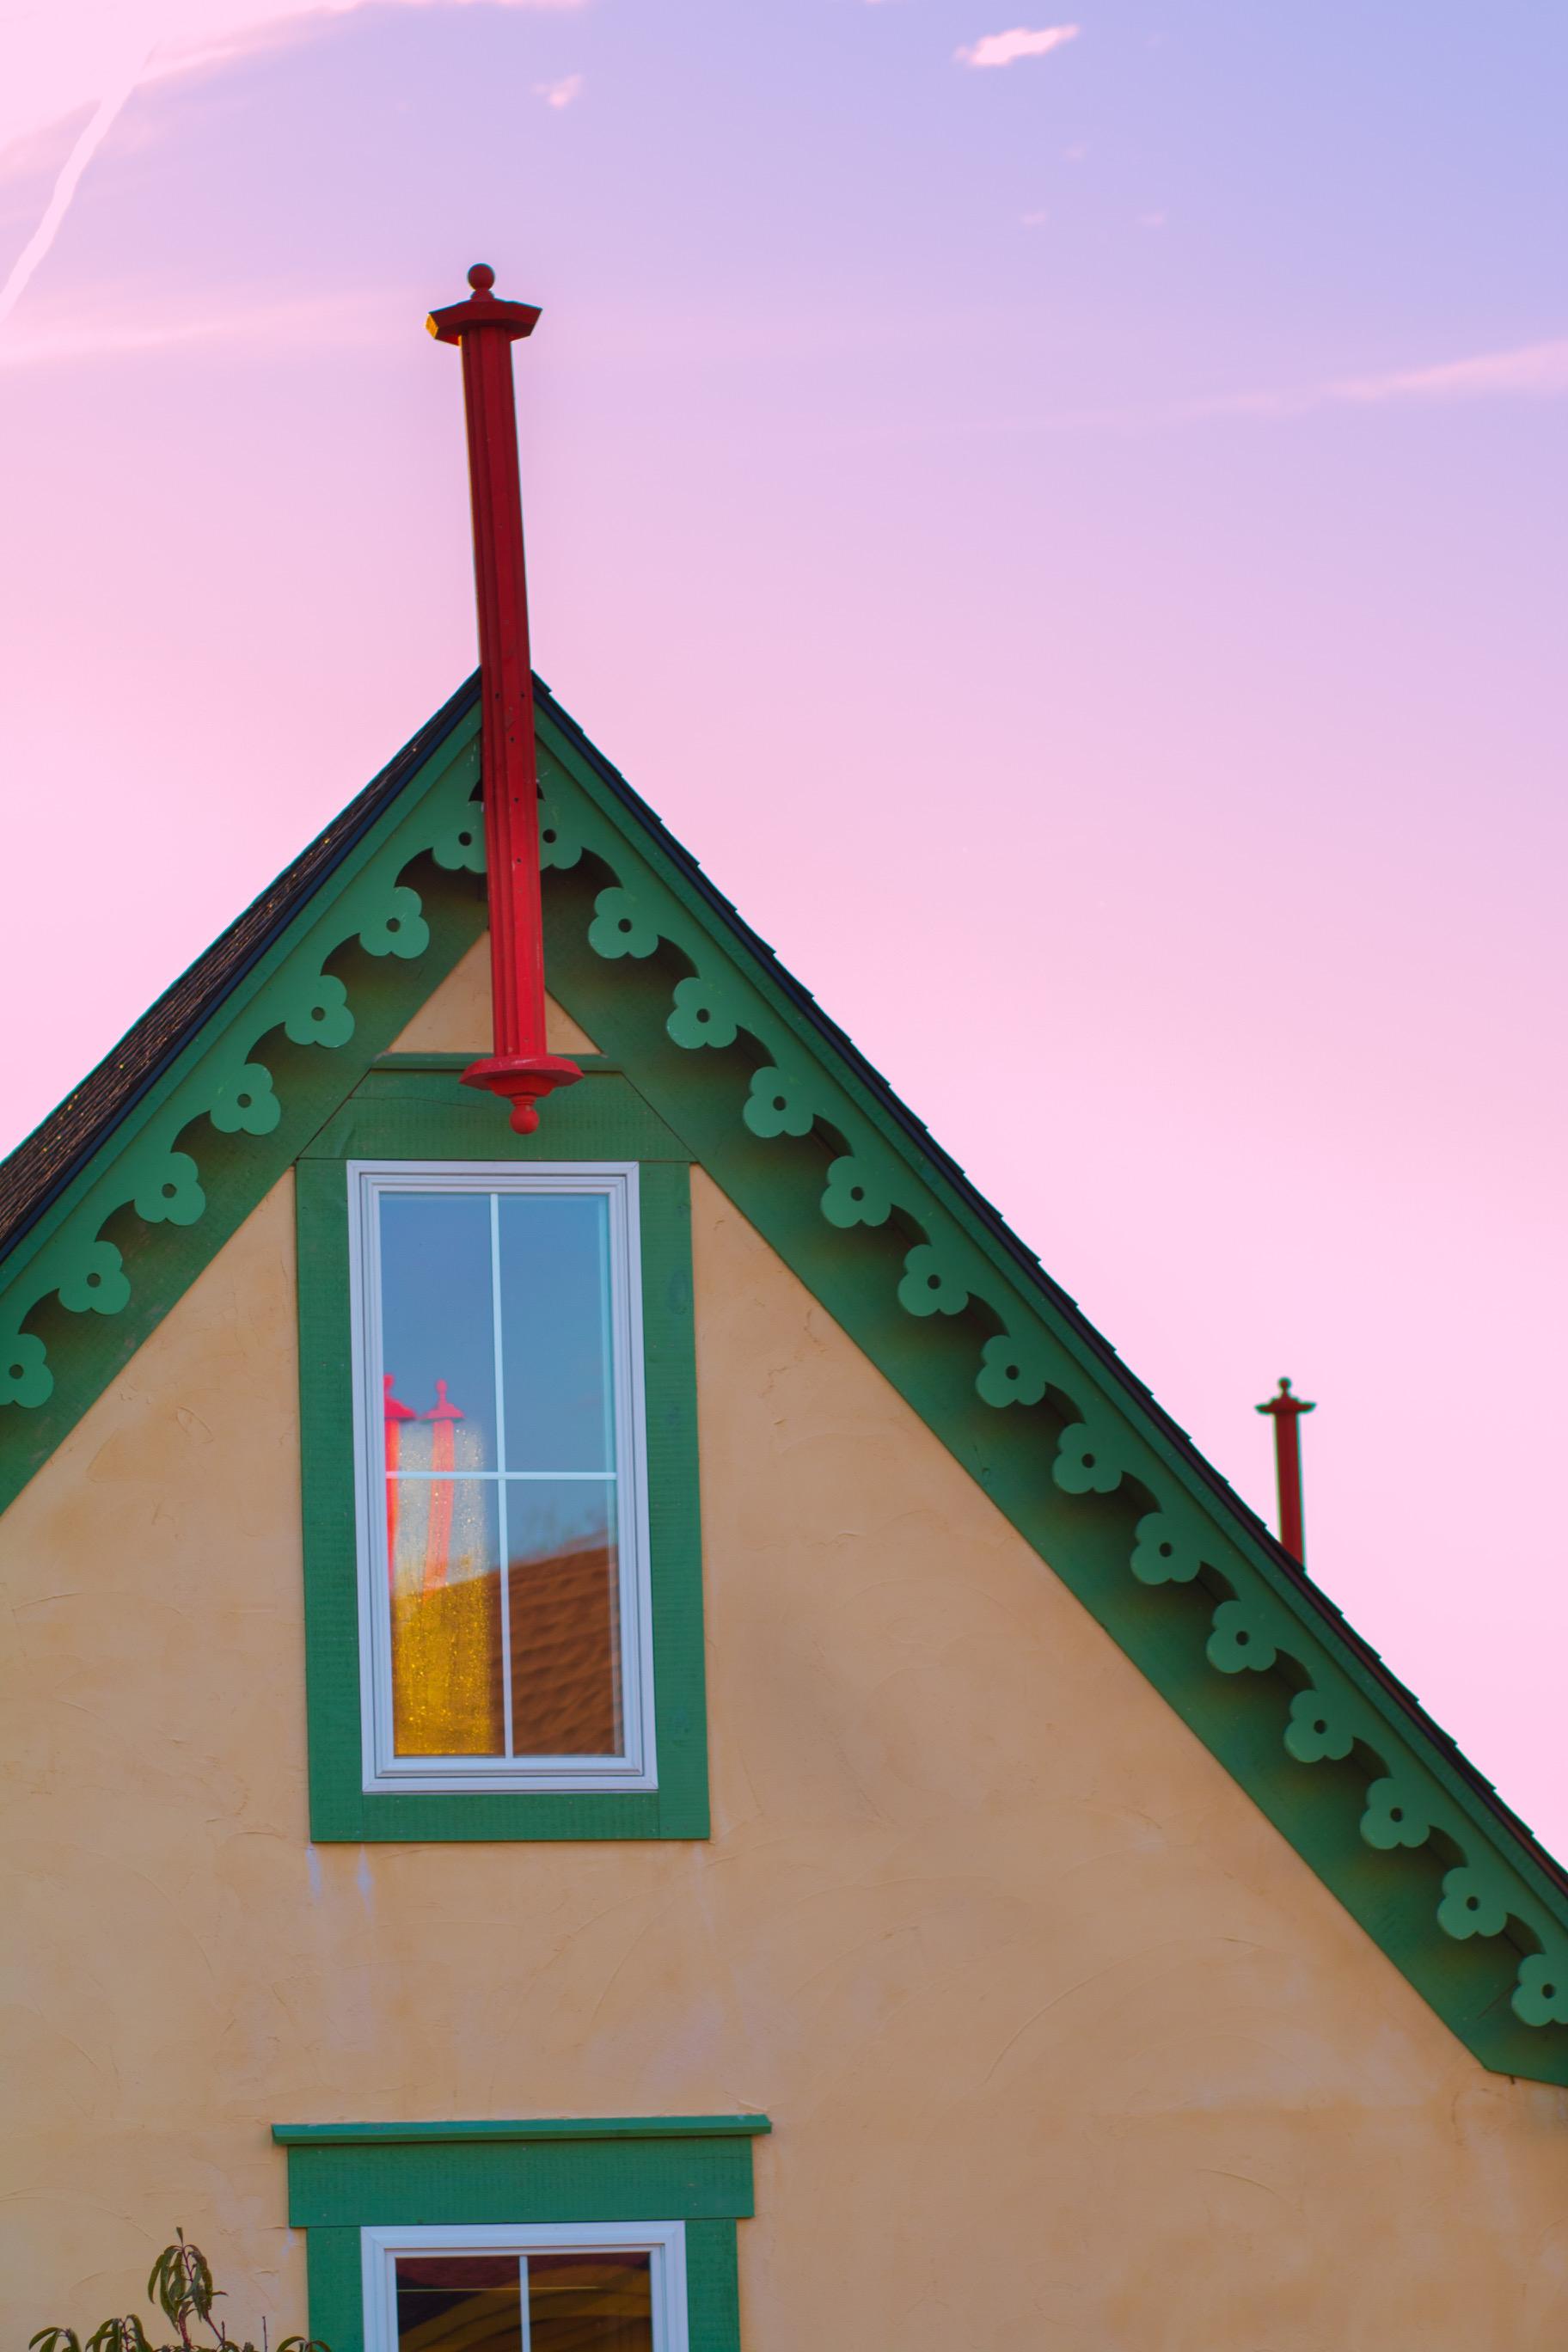 esco-digital-boiceville-cottages-tiny-houses-brand-web-development.JPG